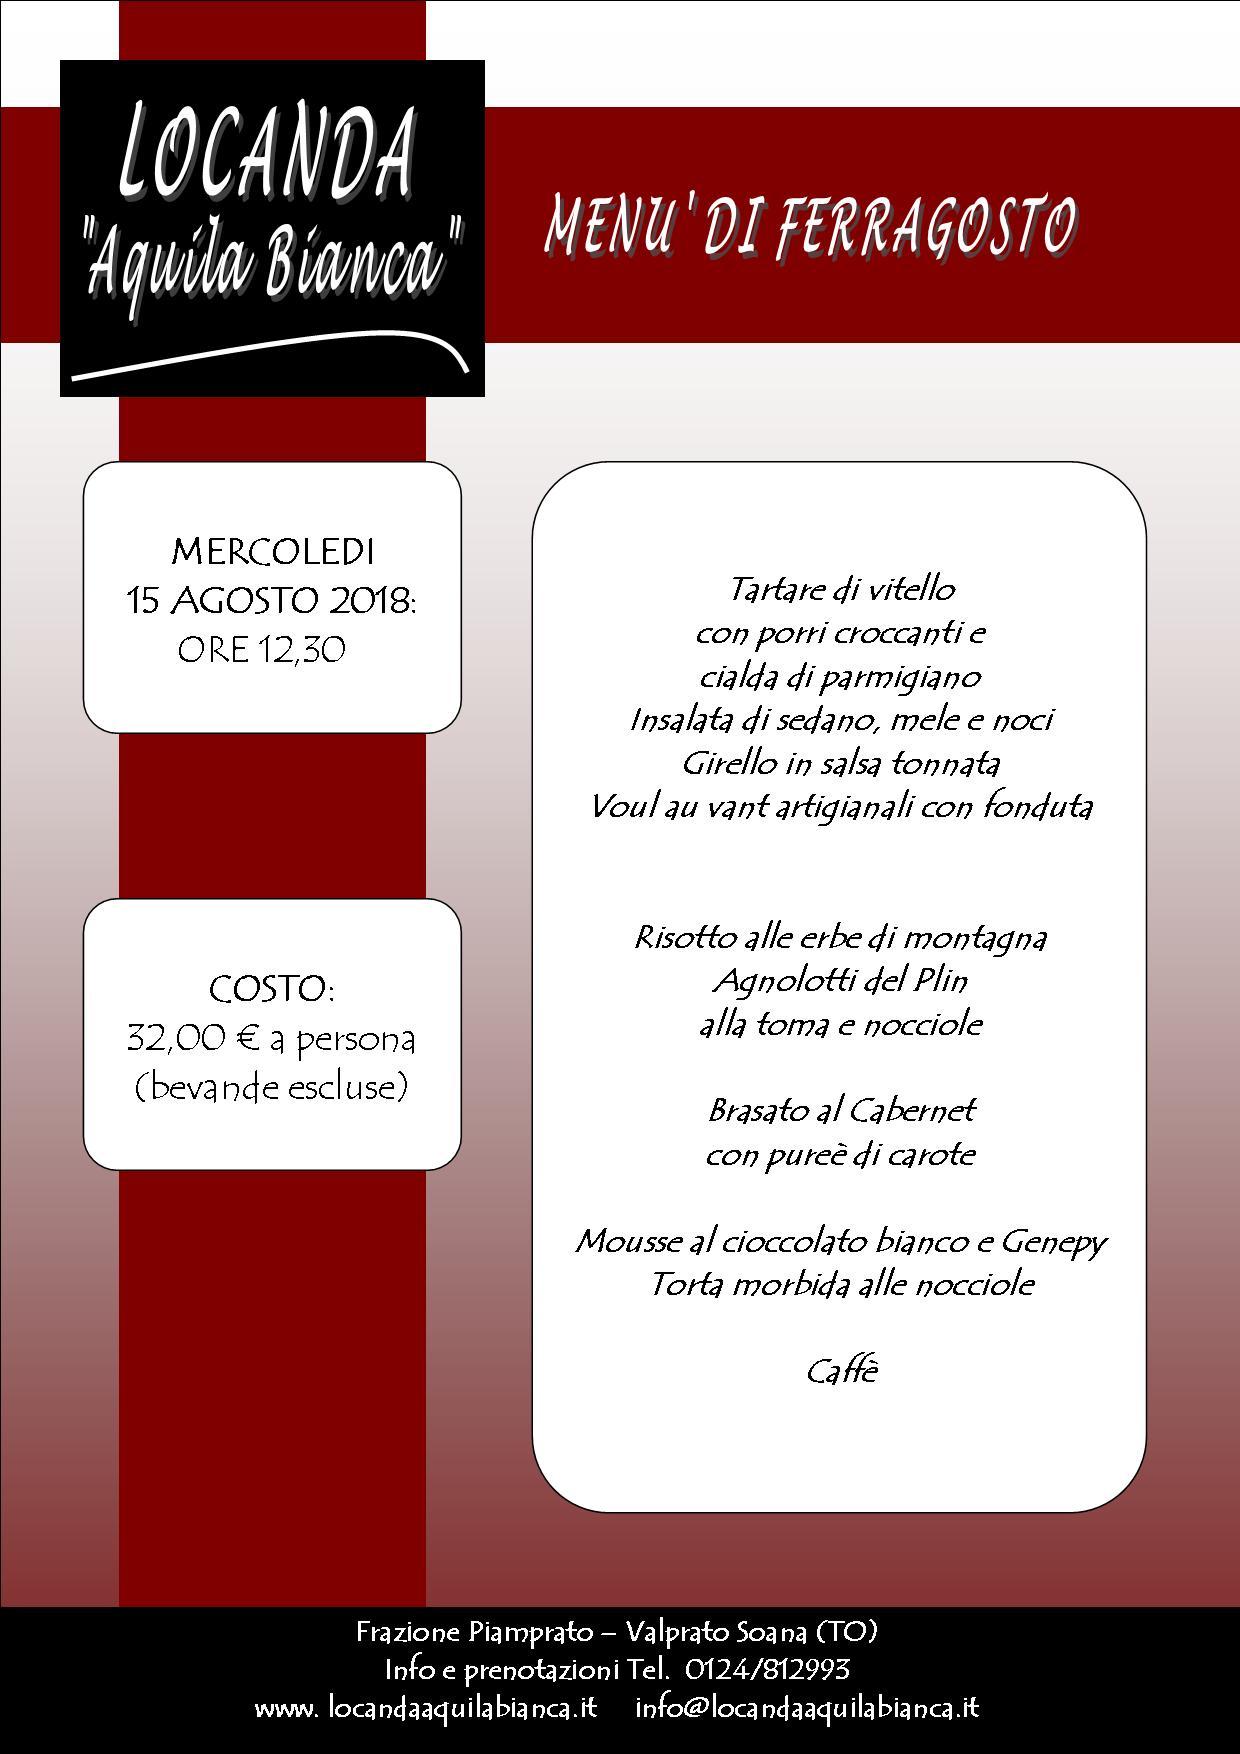 menu ferragosto2018